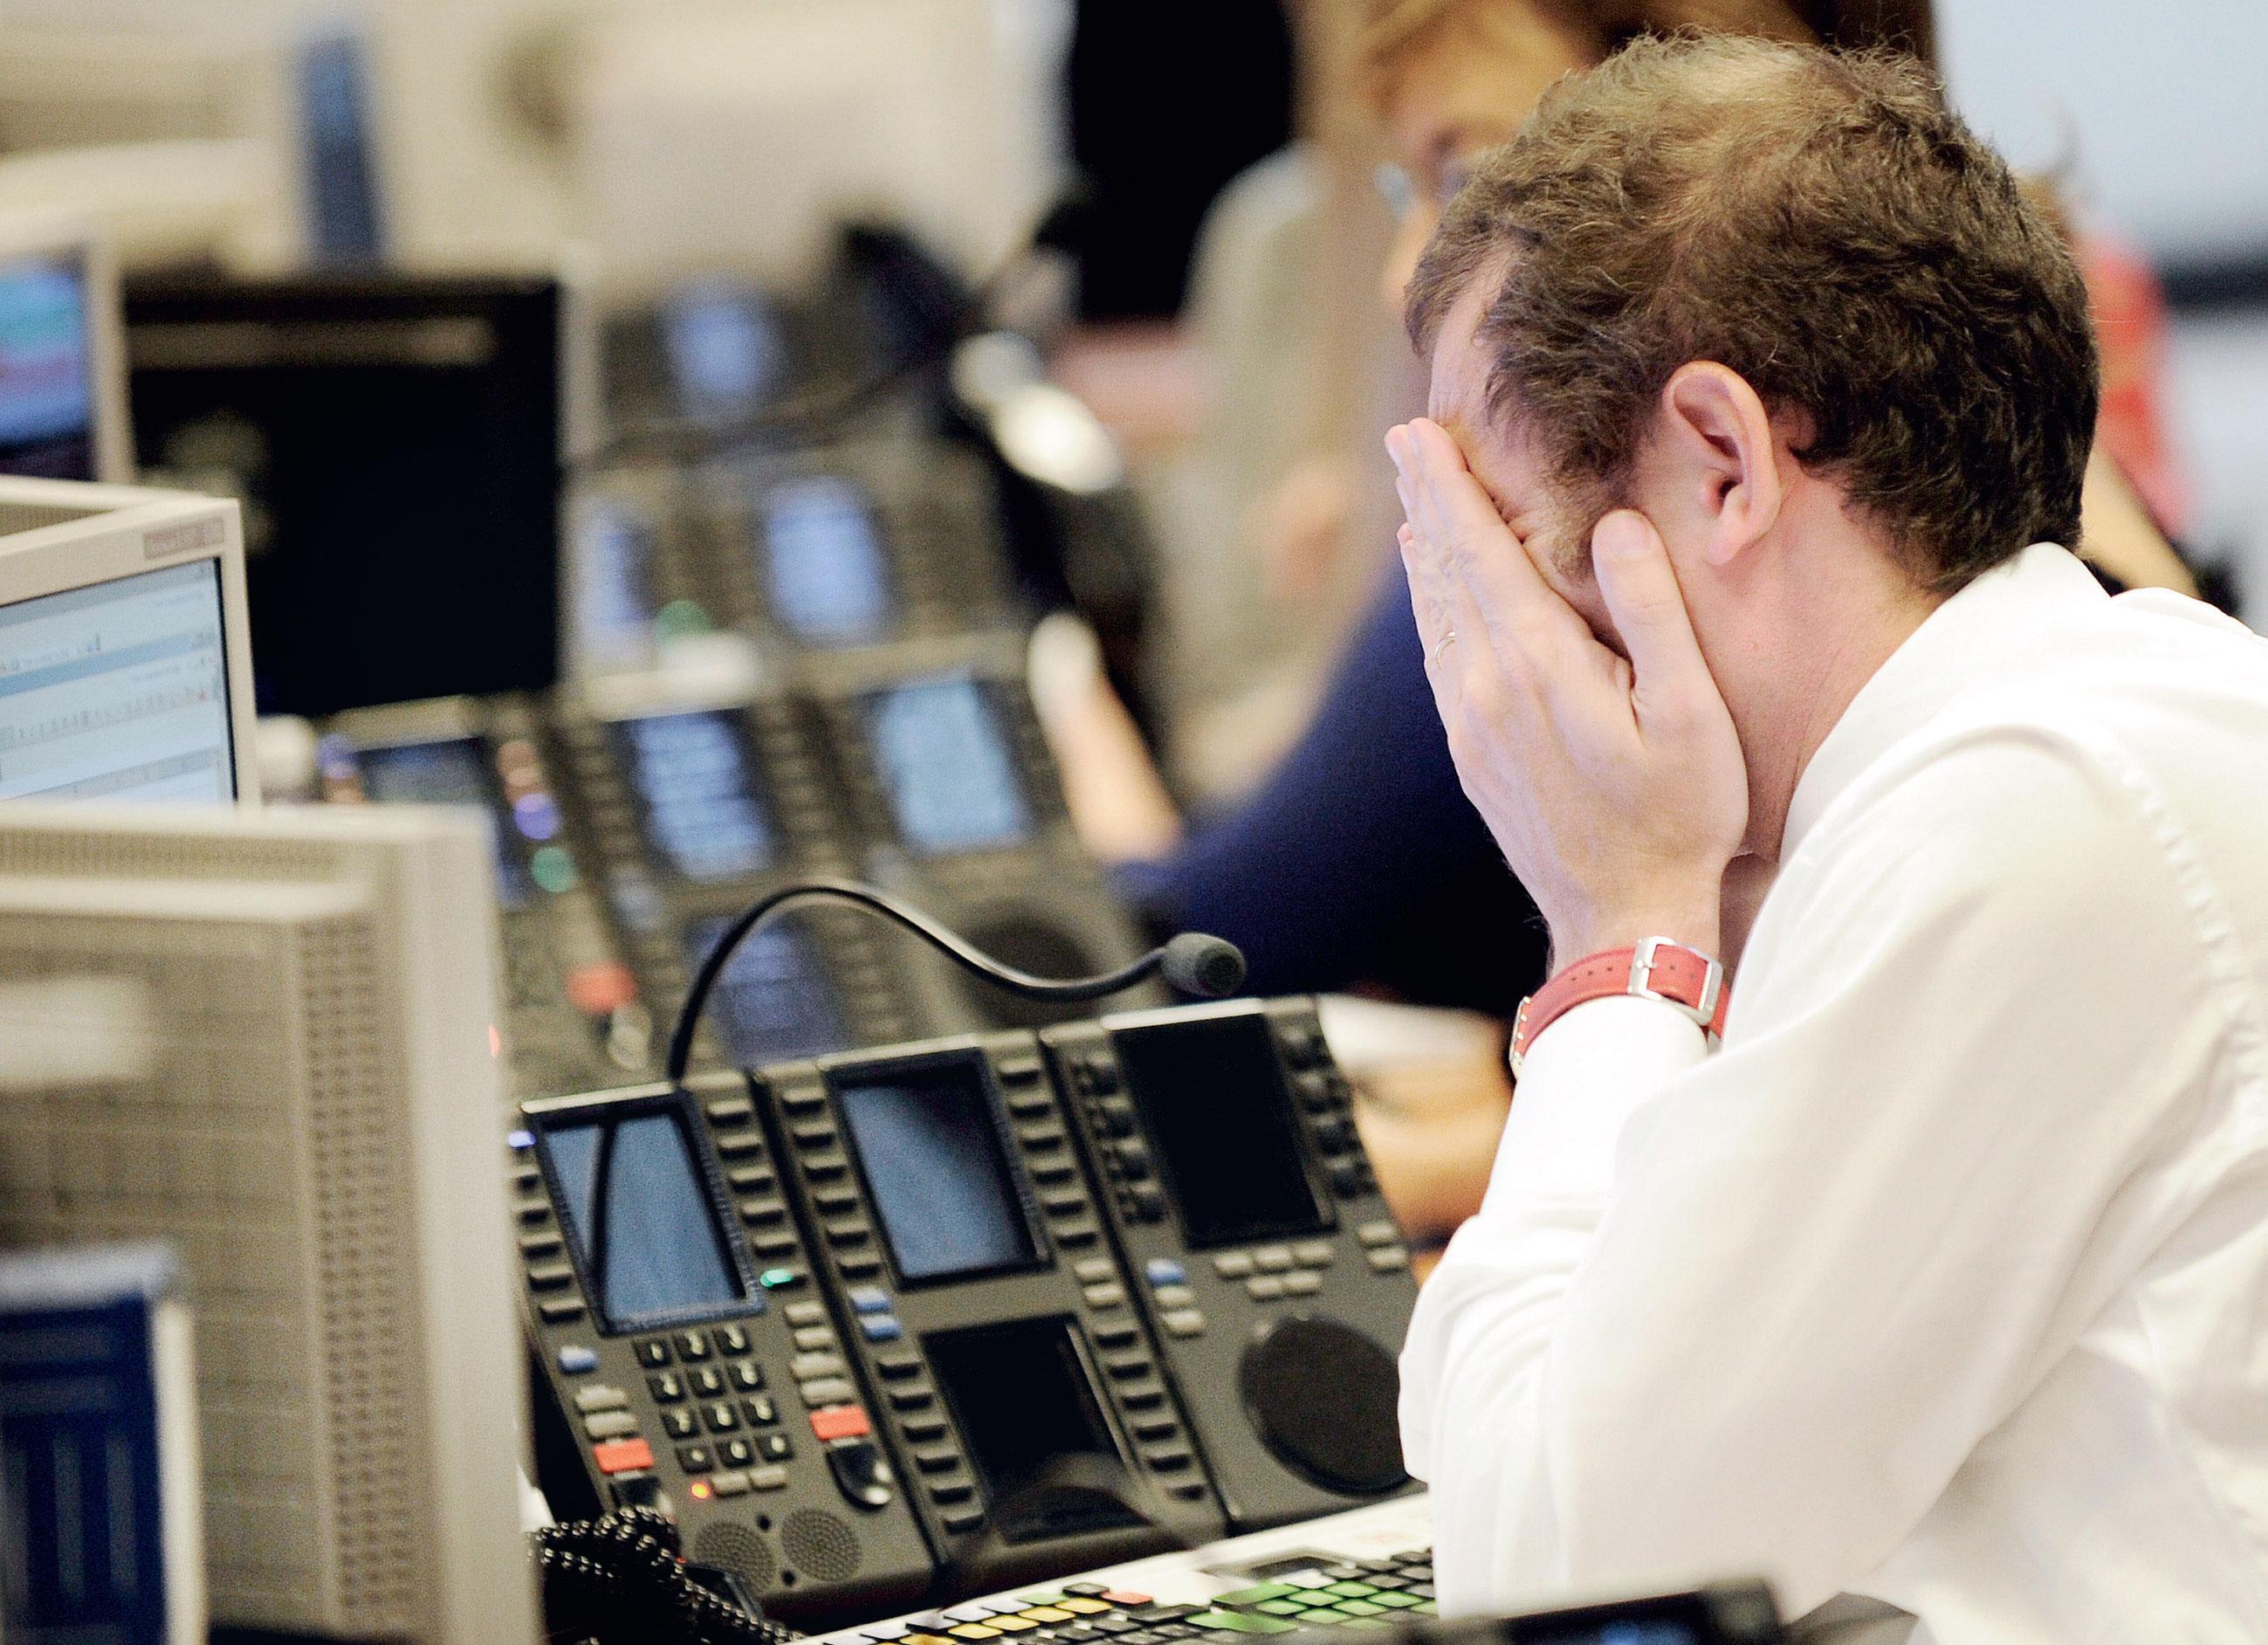 زلزال إيطالي ينذر بأزمة مالية .. وفرار المستثمرين للملاذات الآمنة   صحيفة الاقتصادية